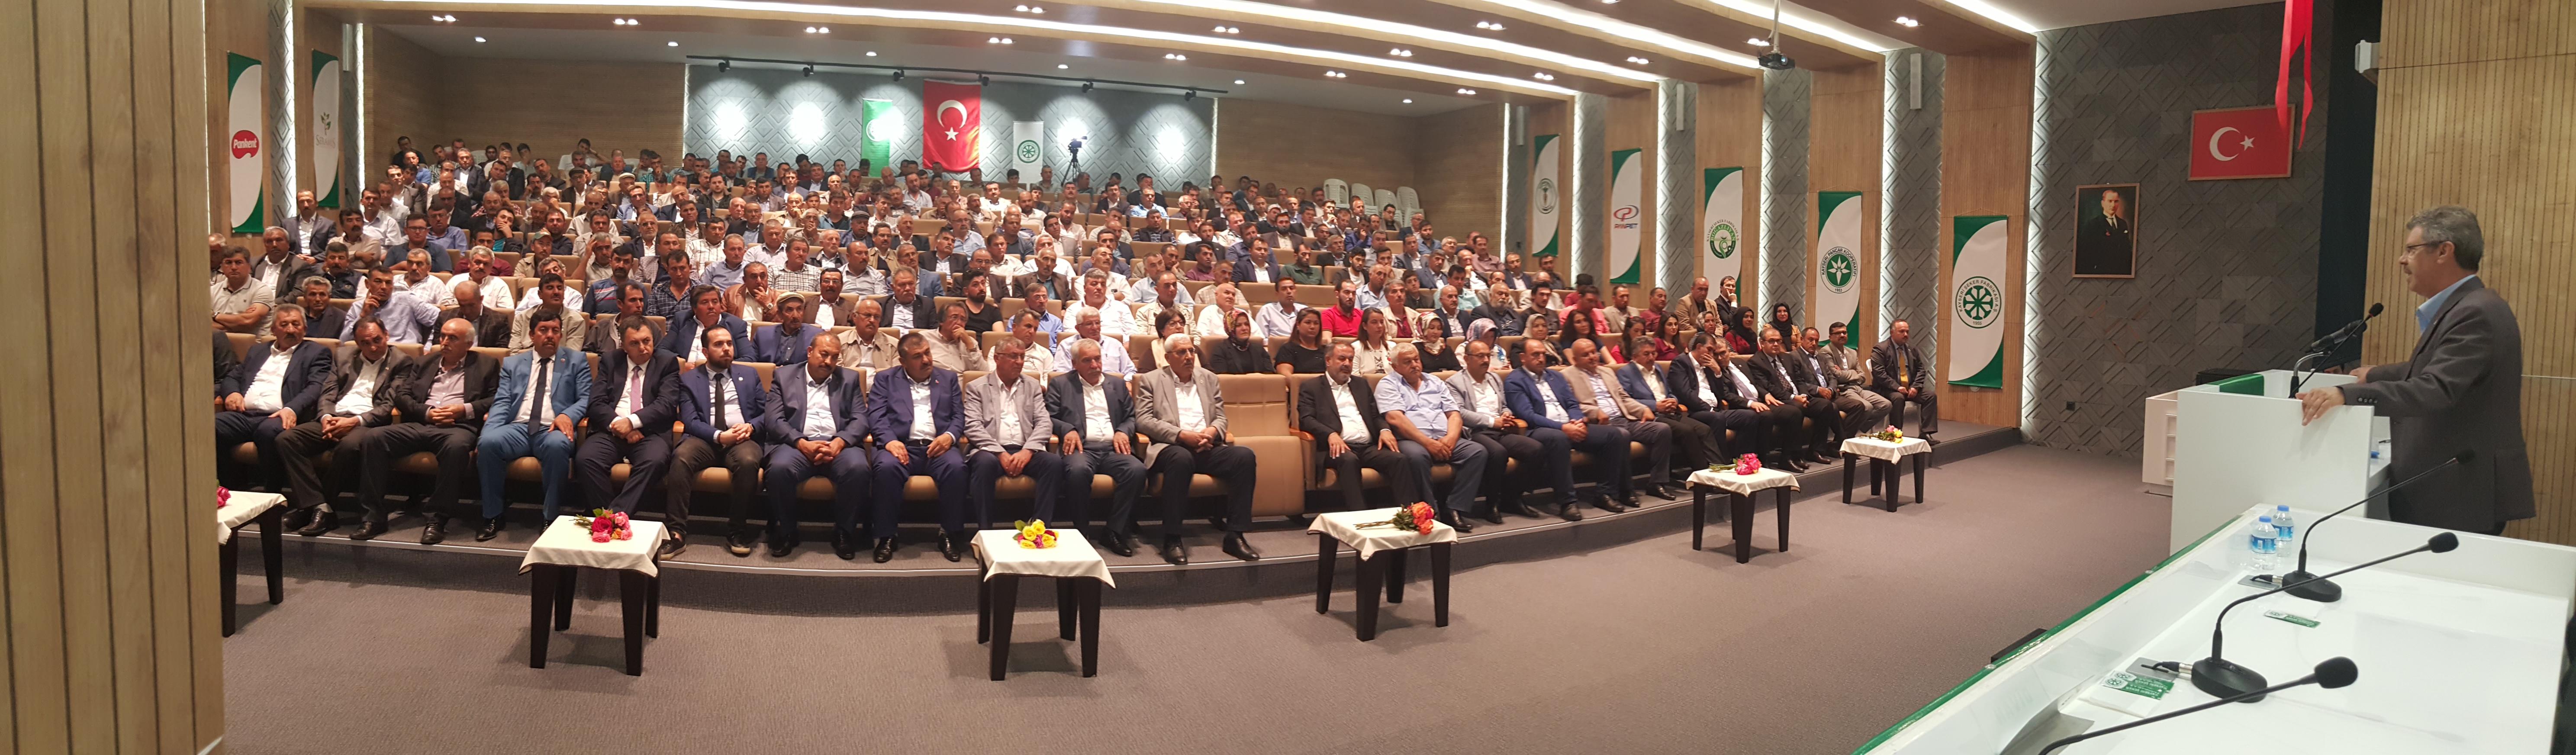 Başkan Akay; Çiftçinin Kızıl Elması Milli Gelirden En Yüksek Payı Almak  İçin Daha Çok Çalışmaktır